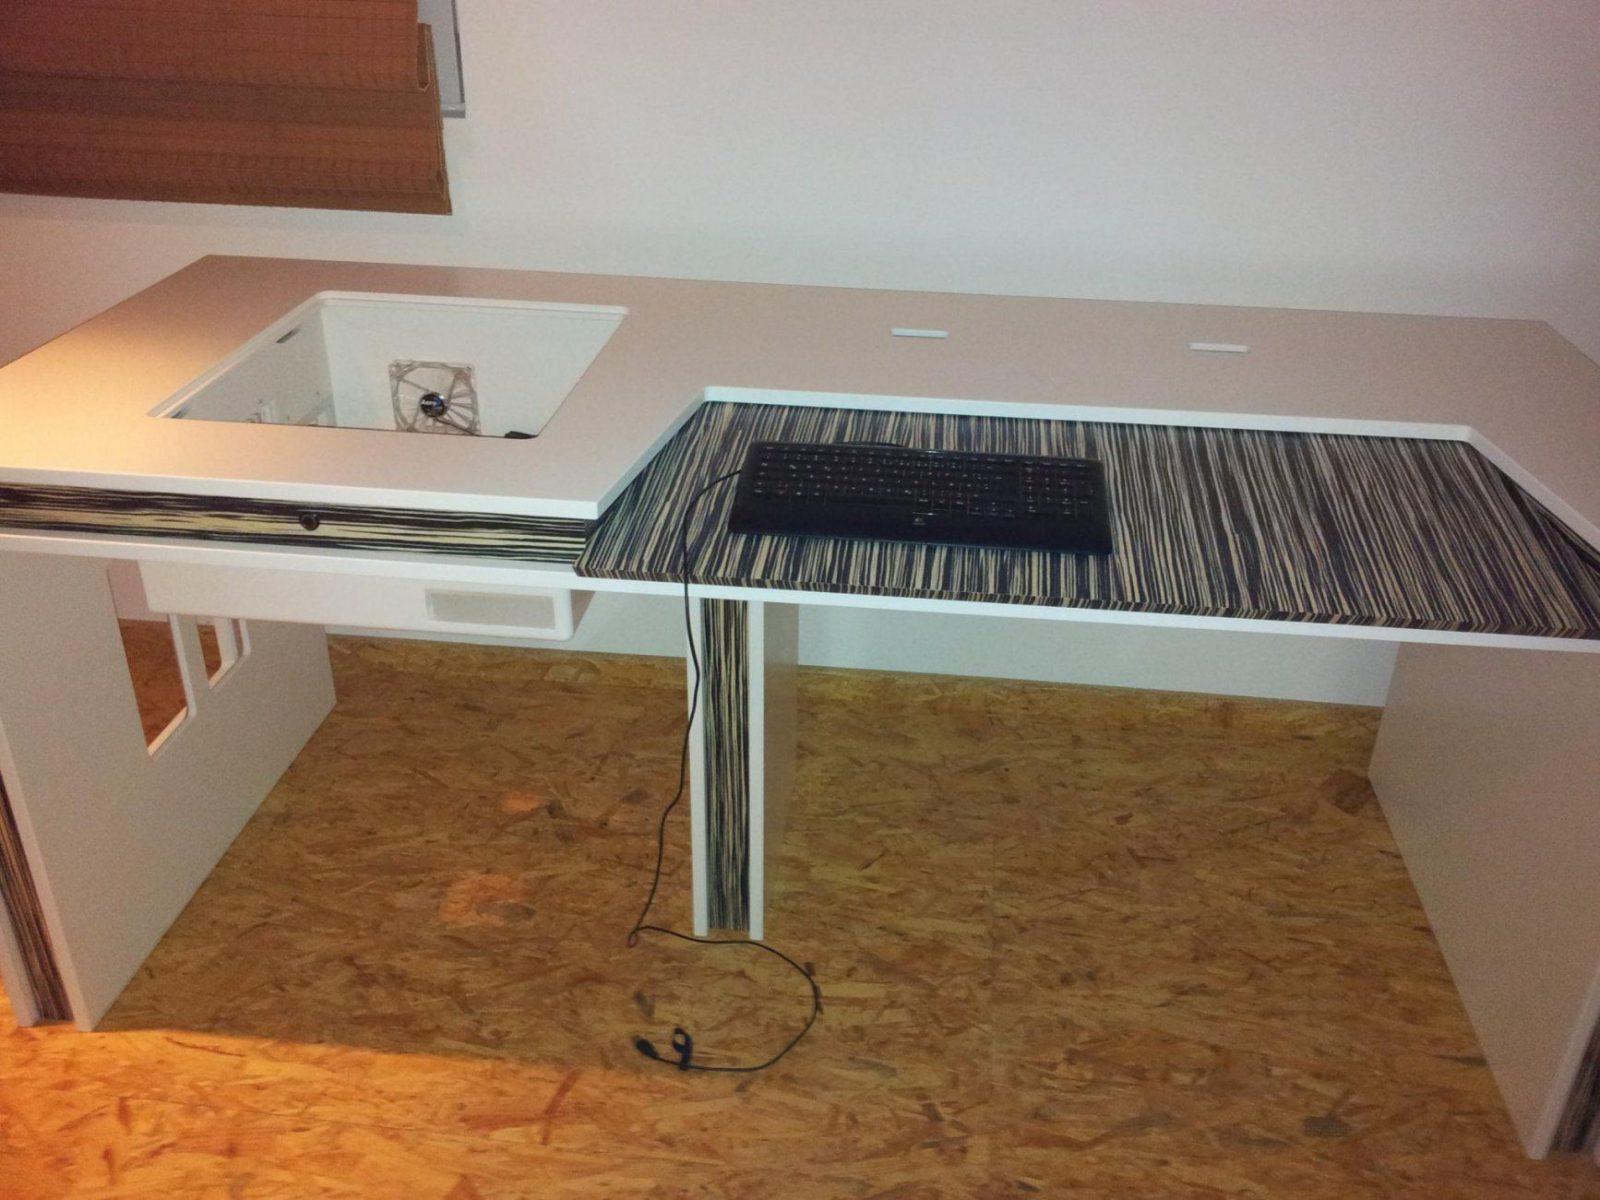 Pc Tisch Selber Bauen Atemberaubend Auf Kreative Deko Ideen Für von Pc Im Tisch Selber Bauen Photo